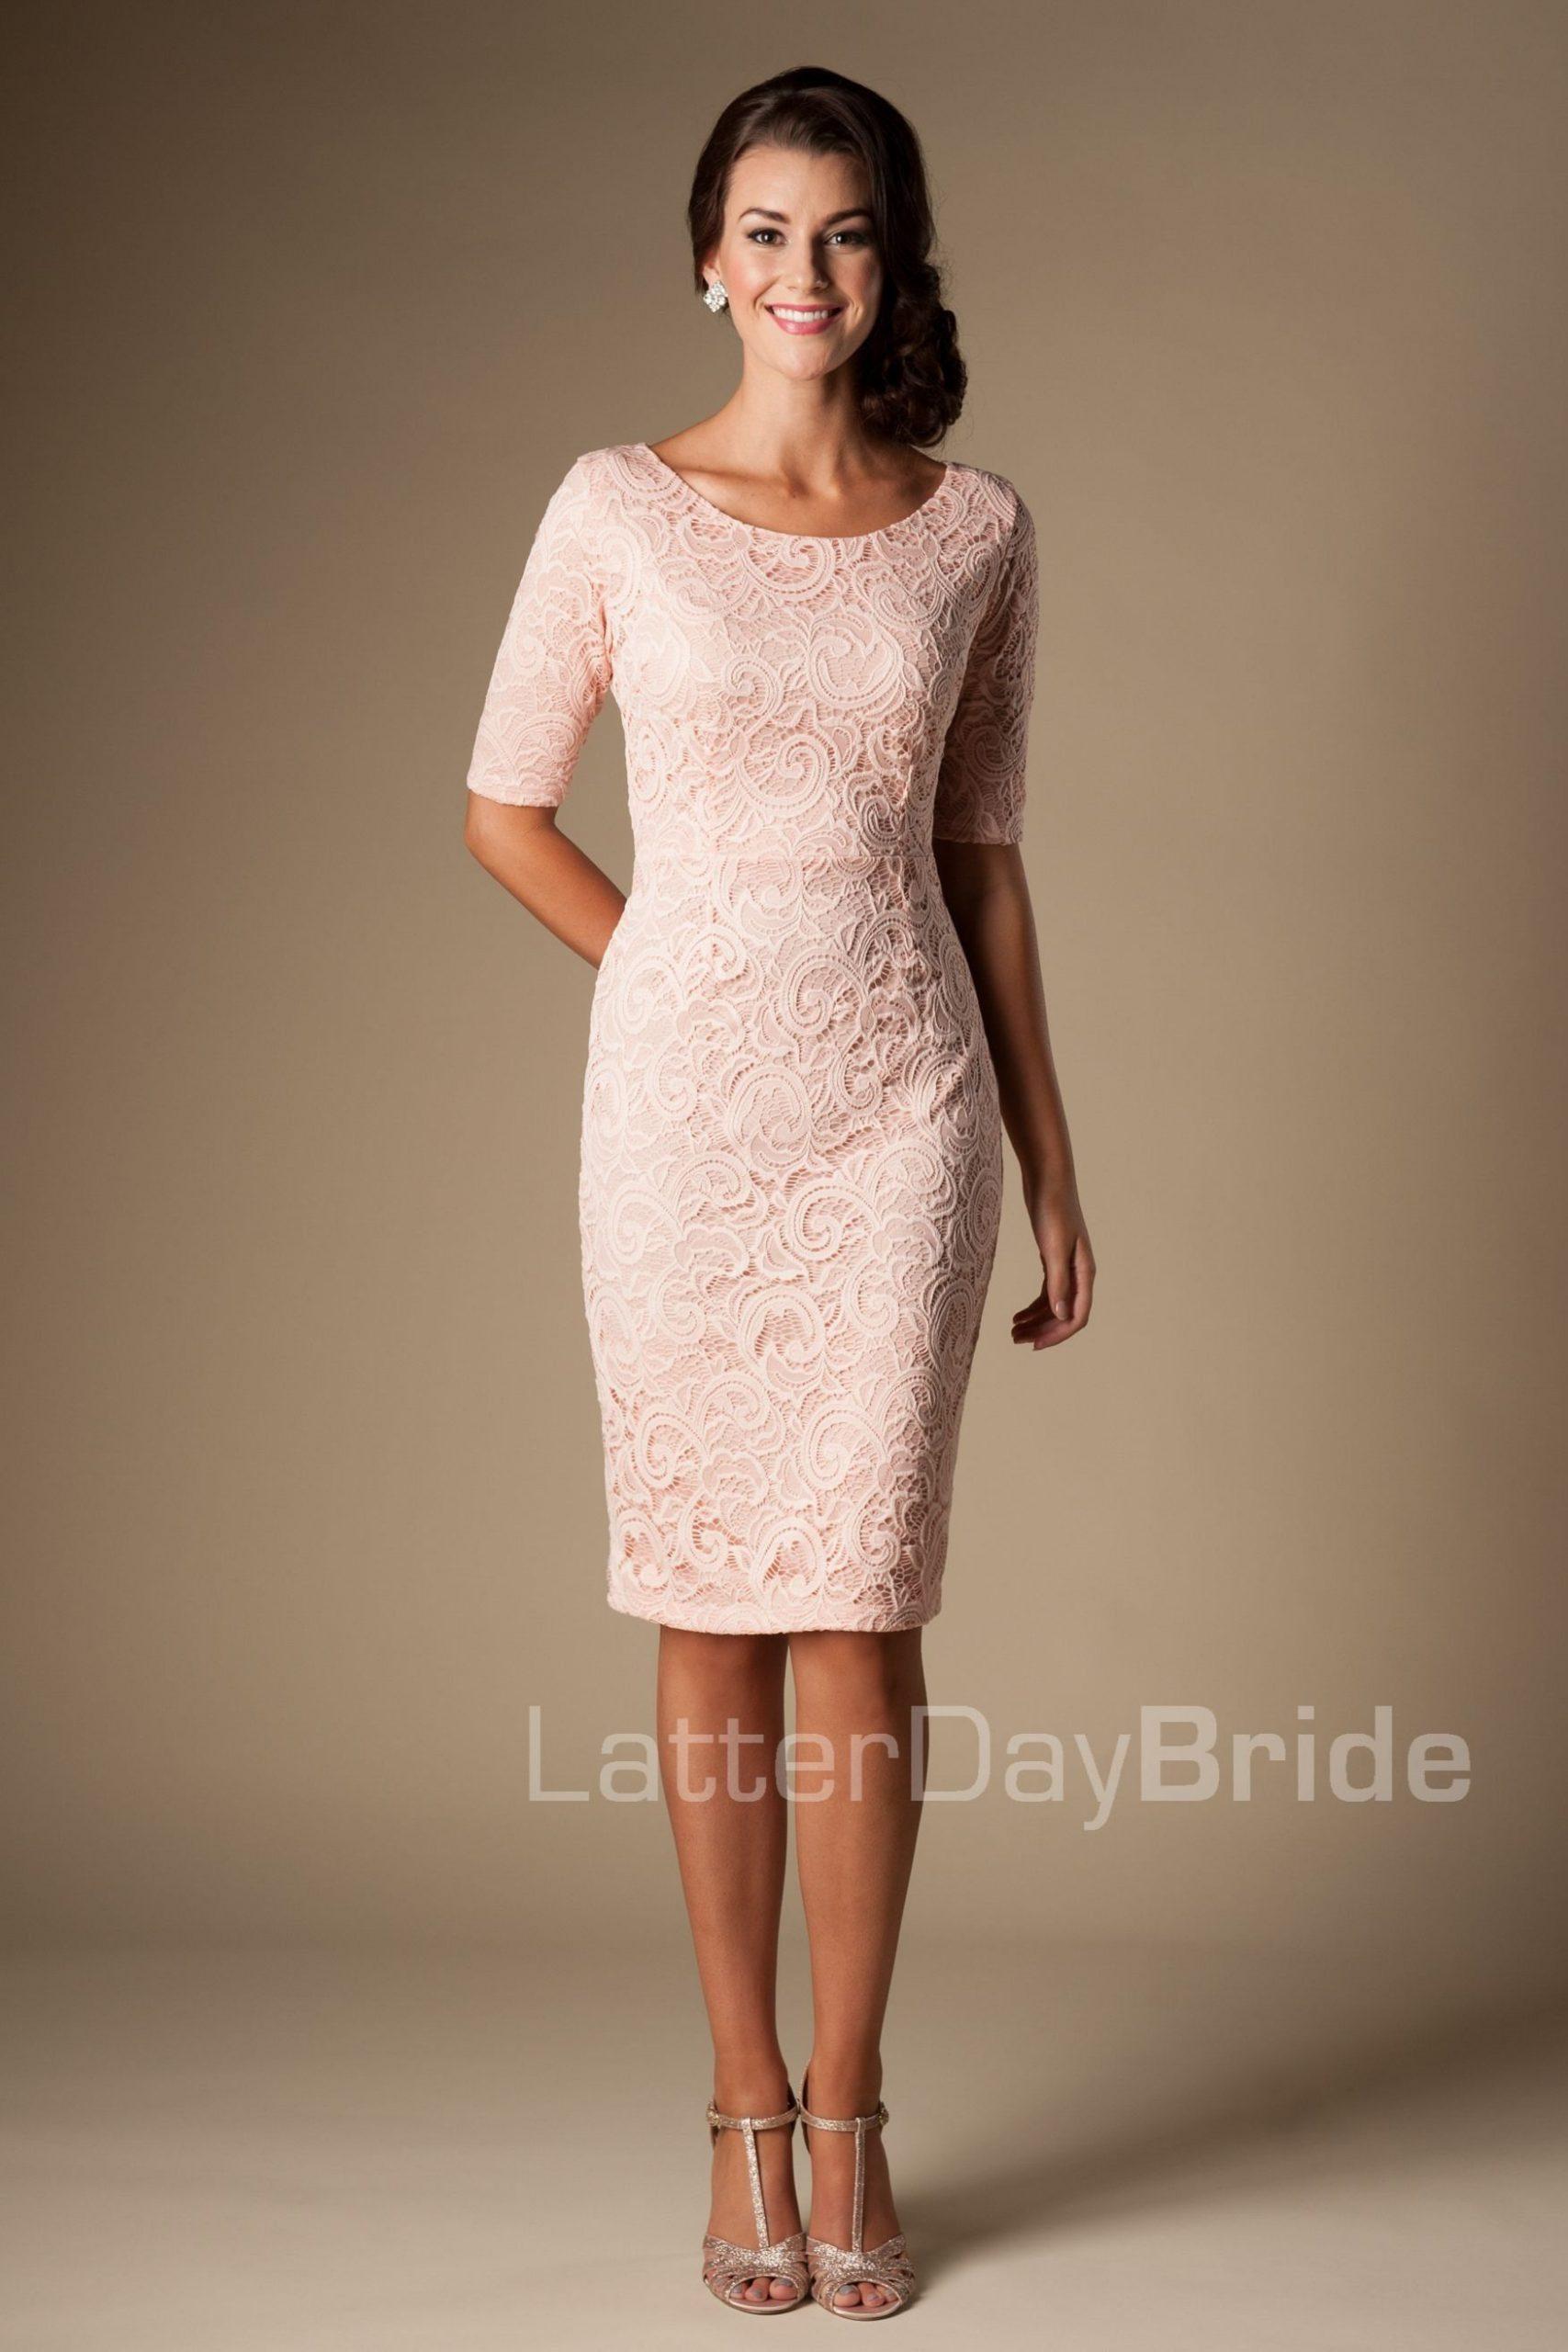 Schicke Kleider Für Hochzeitsgäste | Festliche Kleider